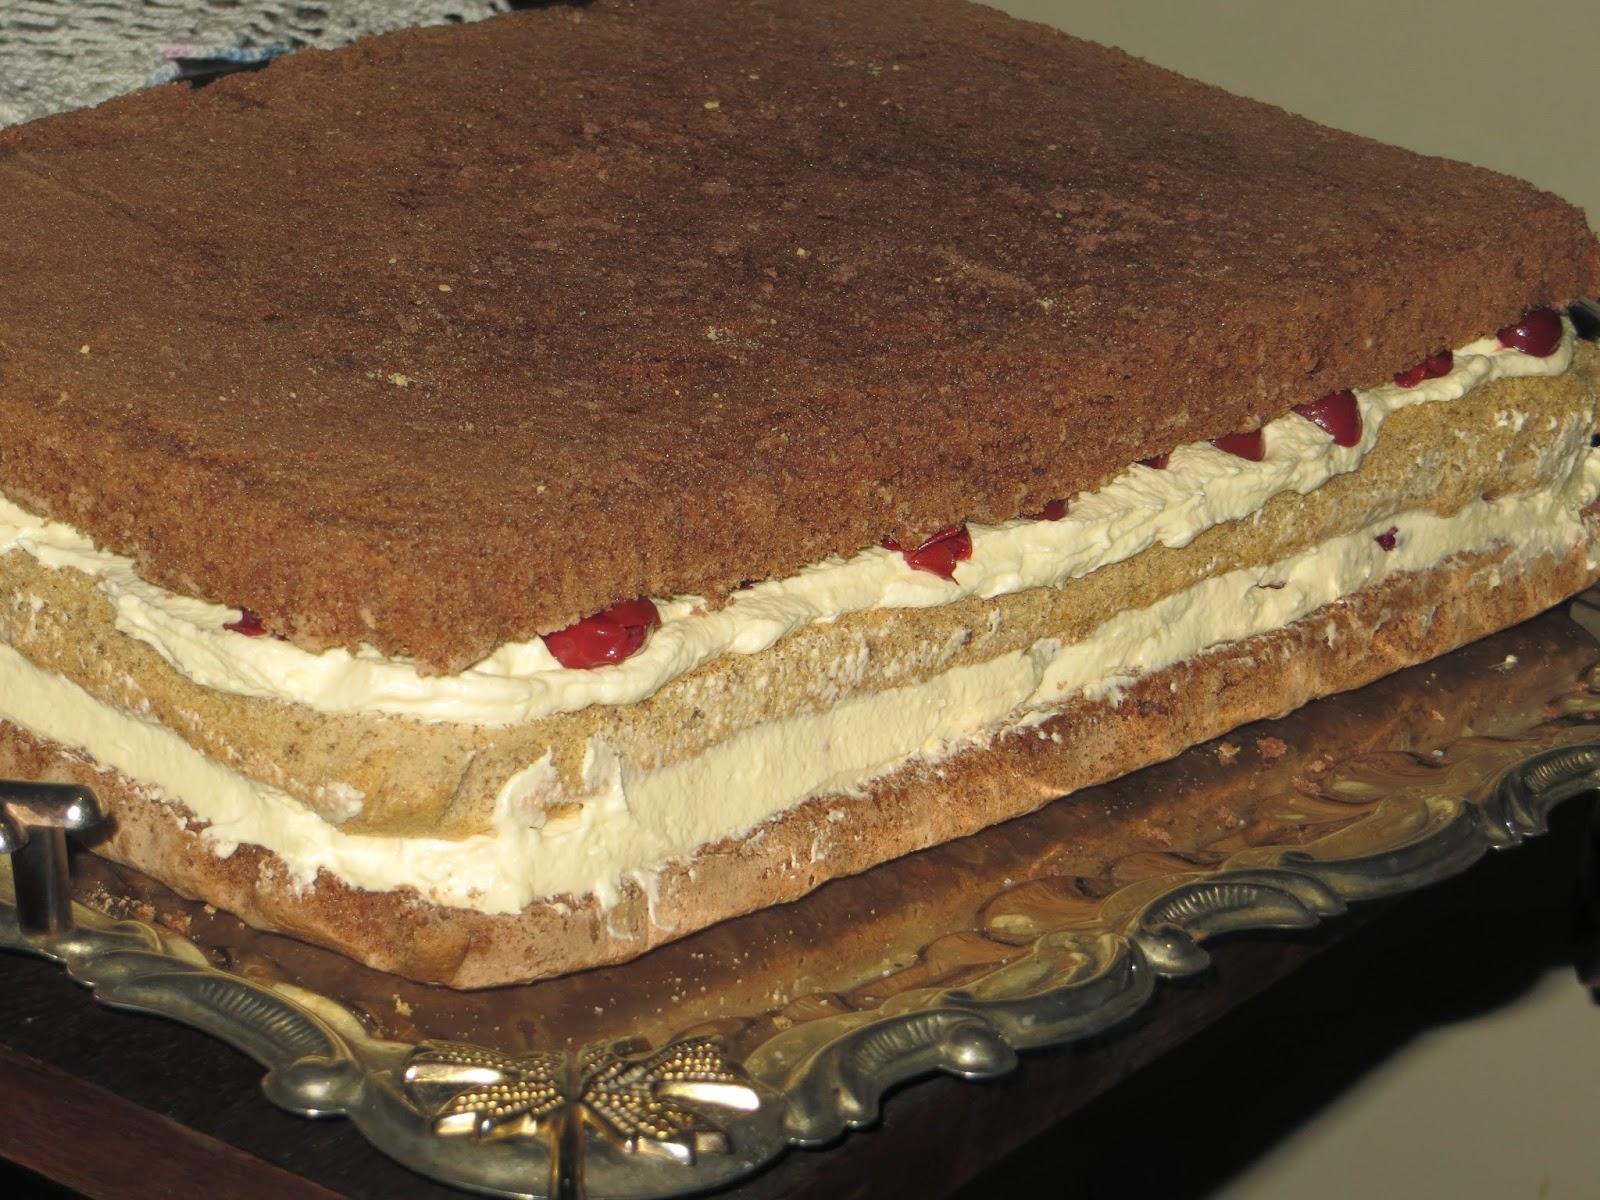 Бисквитный торт на сковороде - рецепт с фотографиями - Patee